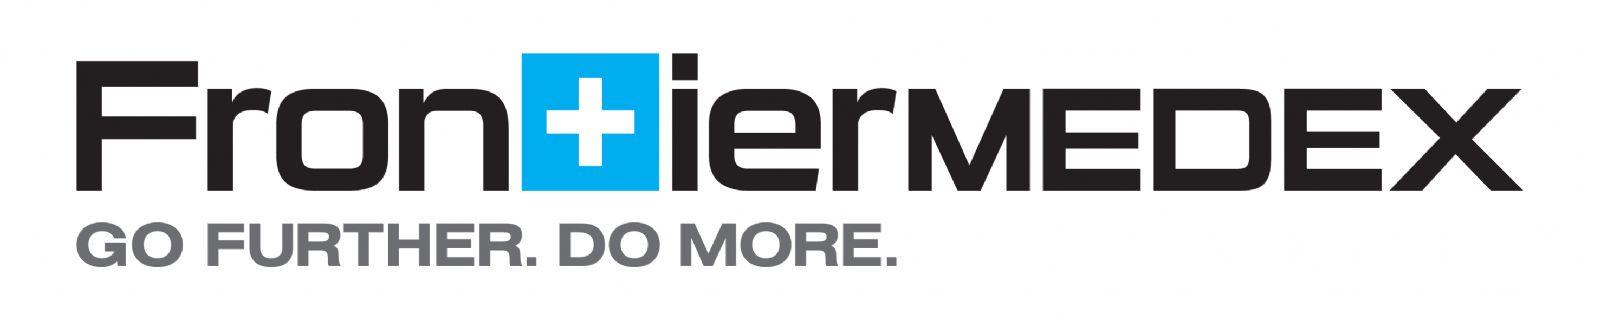 FrontierMEDEX_Logo_KB_RGB